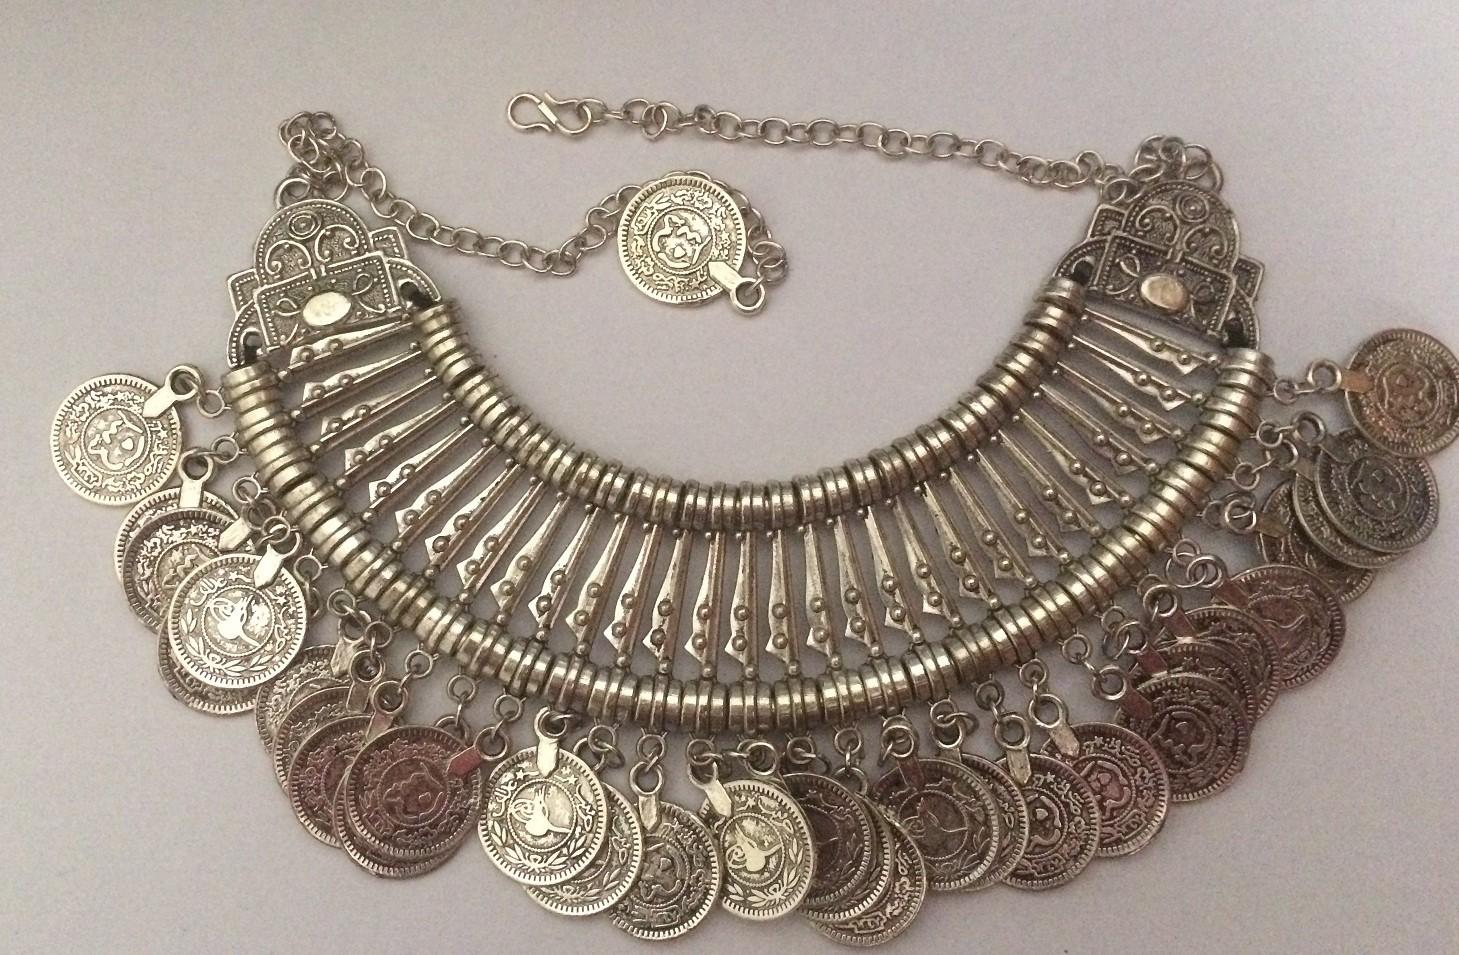 Tribal kuchi necklace 8